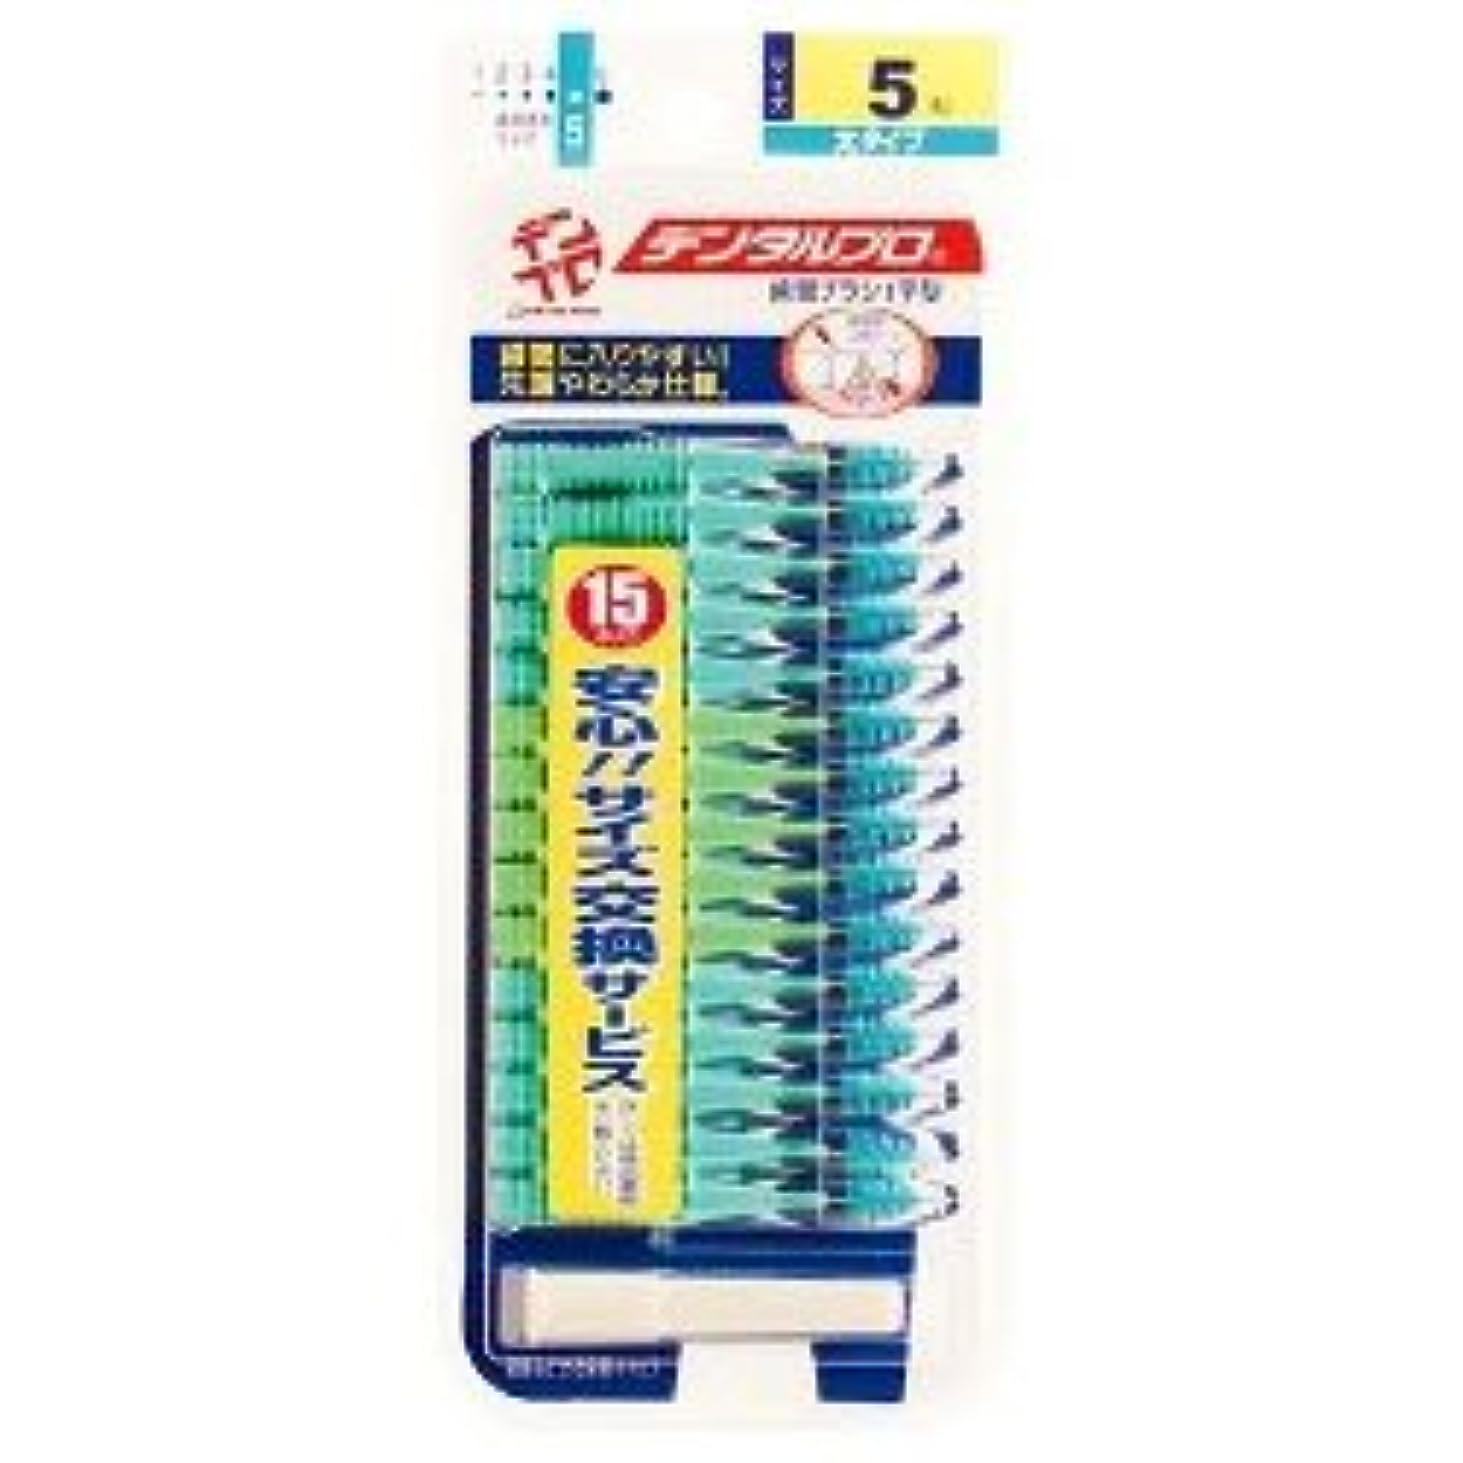 ソケット居住者アンソロジー【デンタルプロ】デンタルプロ 歯間ブラシ サイズ5-L 15本入 ×3個セット